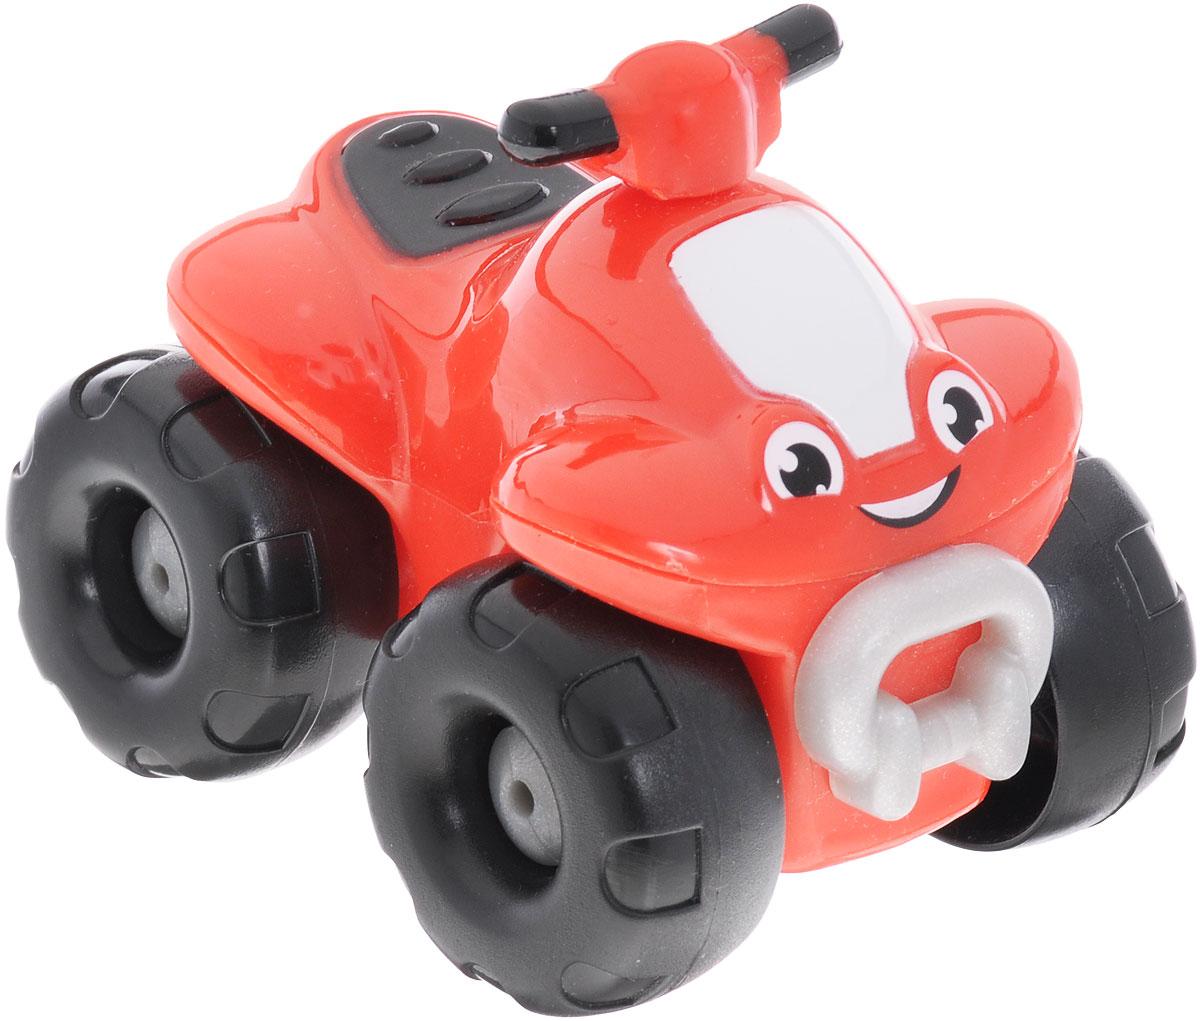 Smoby Квадроцикл Vroom Planet211284Квадроцикл из серии Vroom Planet непременно привлечет внимание малыша, благодаря яркой расцветке и оригинальному дизайну. Игрушка выполнена из абсолютно безопасного для малыша высококачественного пластика. Квадроцикл красного цвета с большими черными колесами. Игра с машинками помогает развивать мелкую моторику, цветовосприятие, координацию движений. Порадуйте своего малыша таким замечательным подарком.